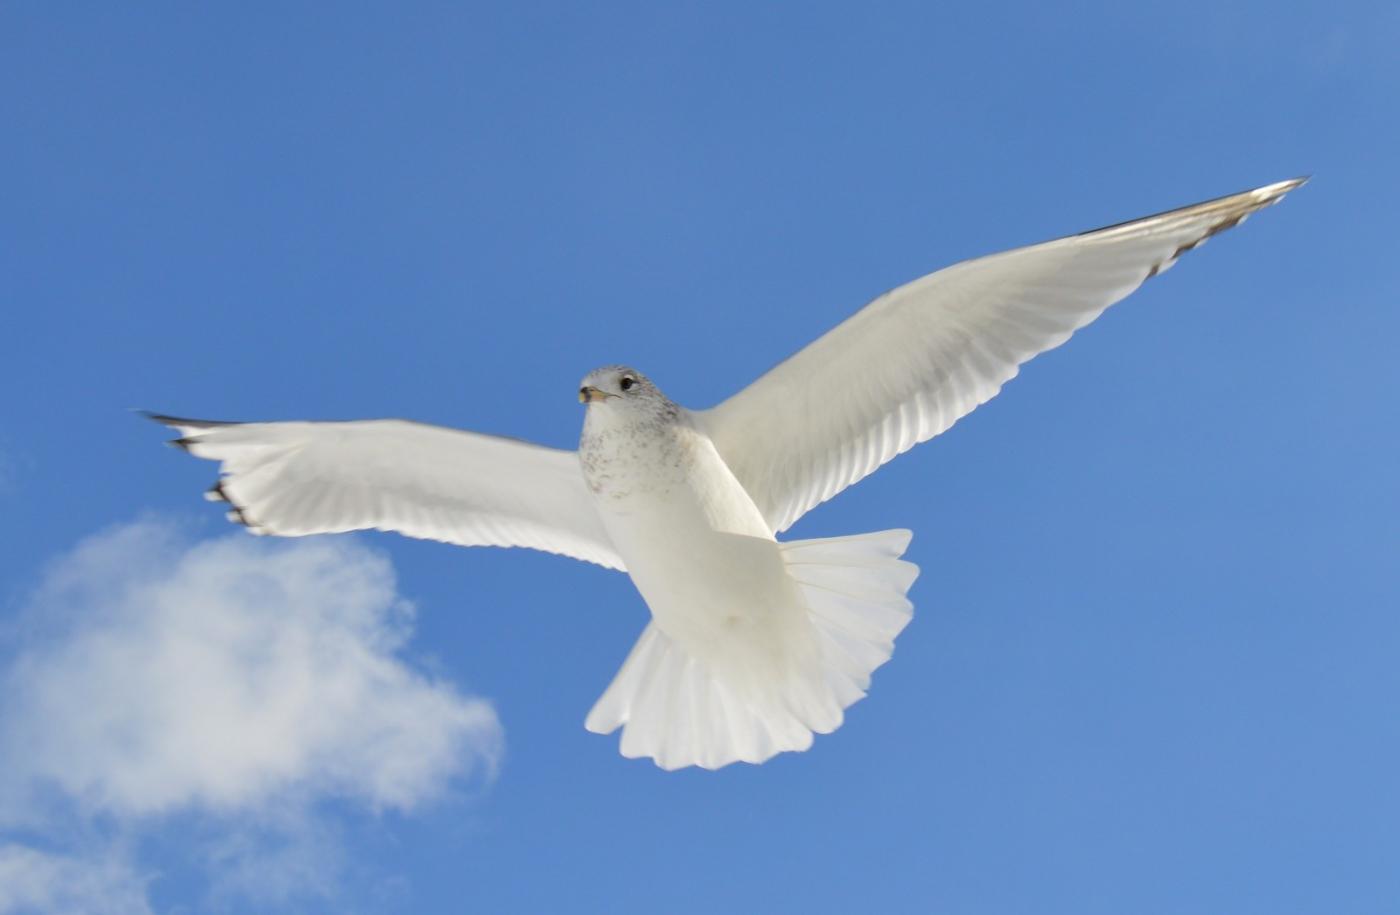 海鸥飞翔_图1-23